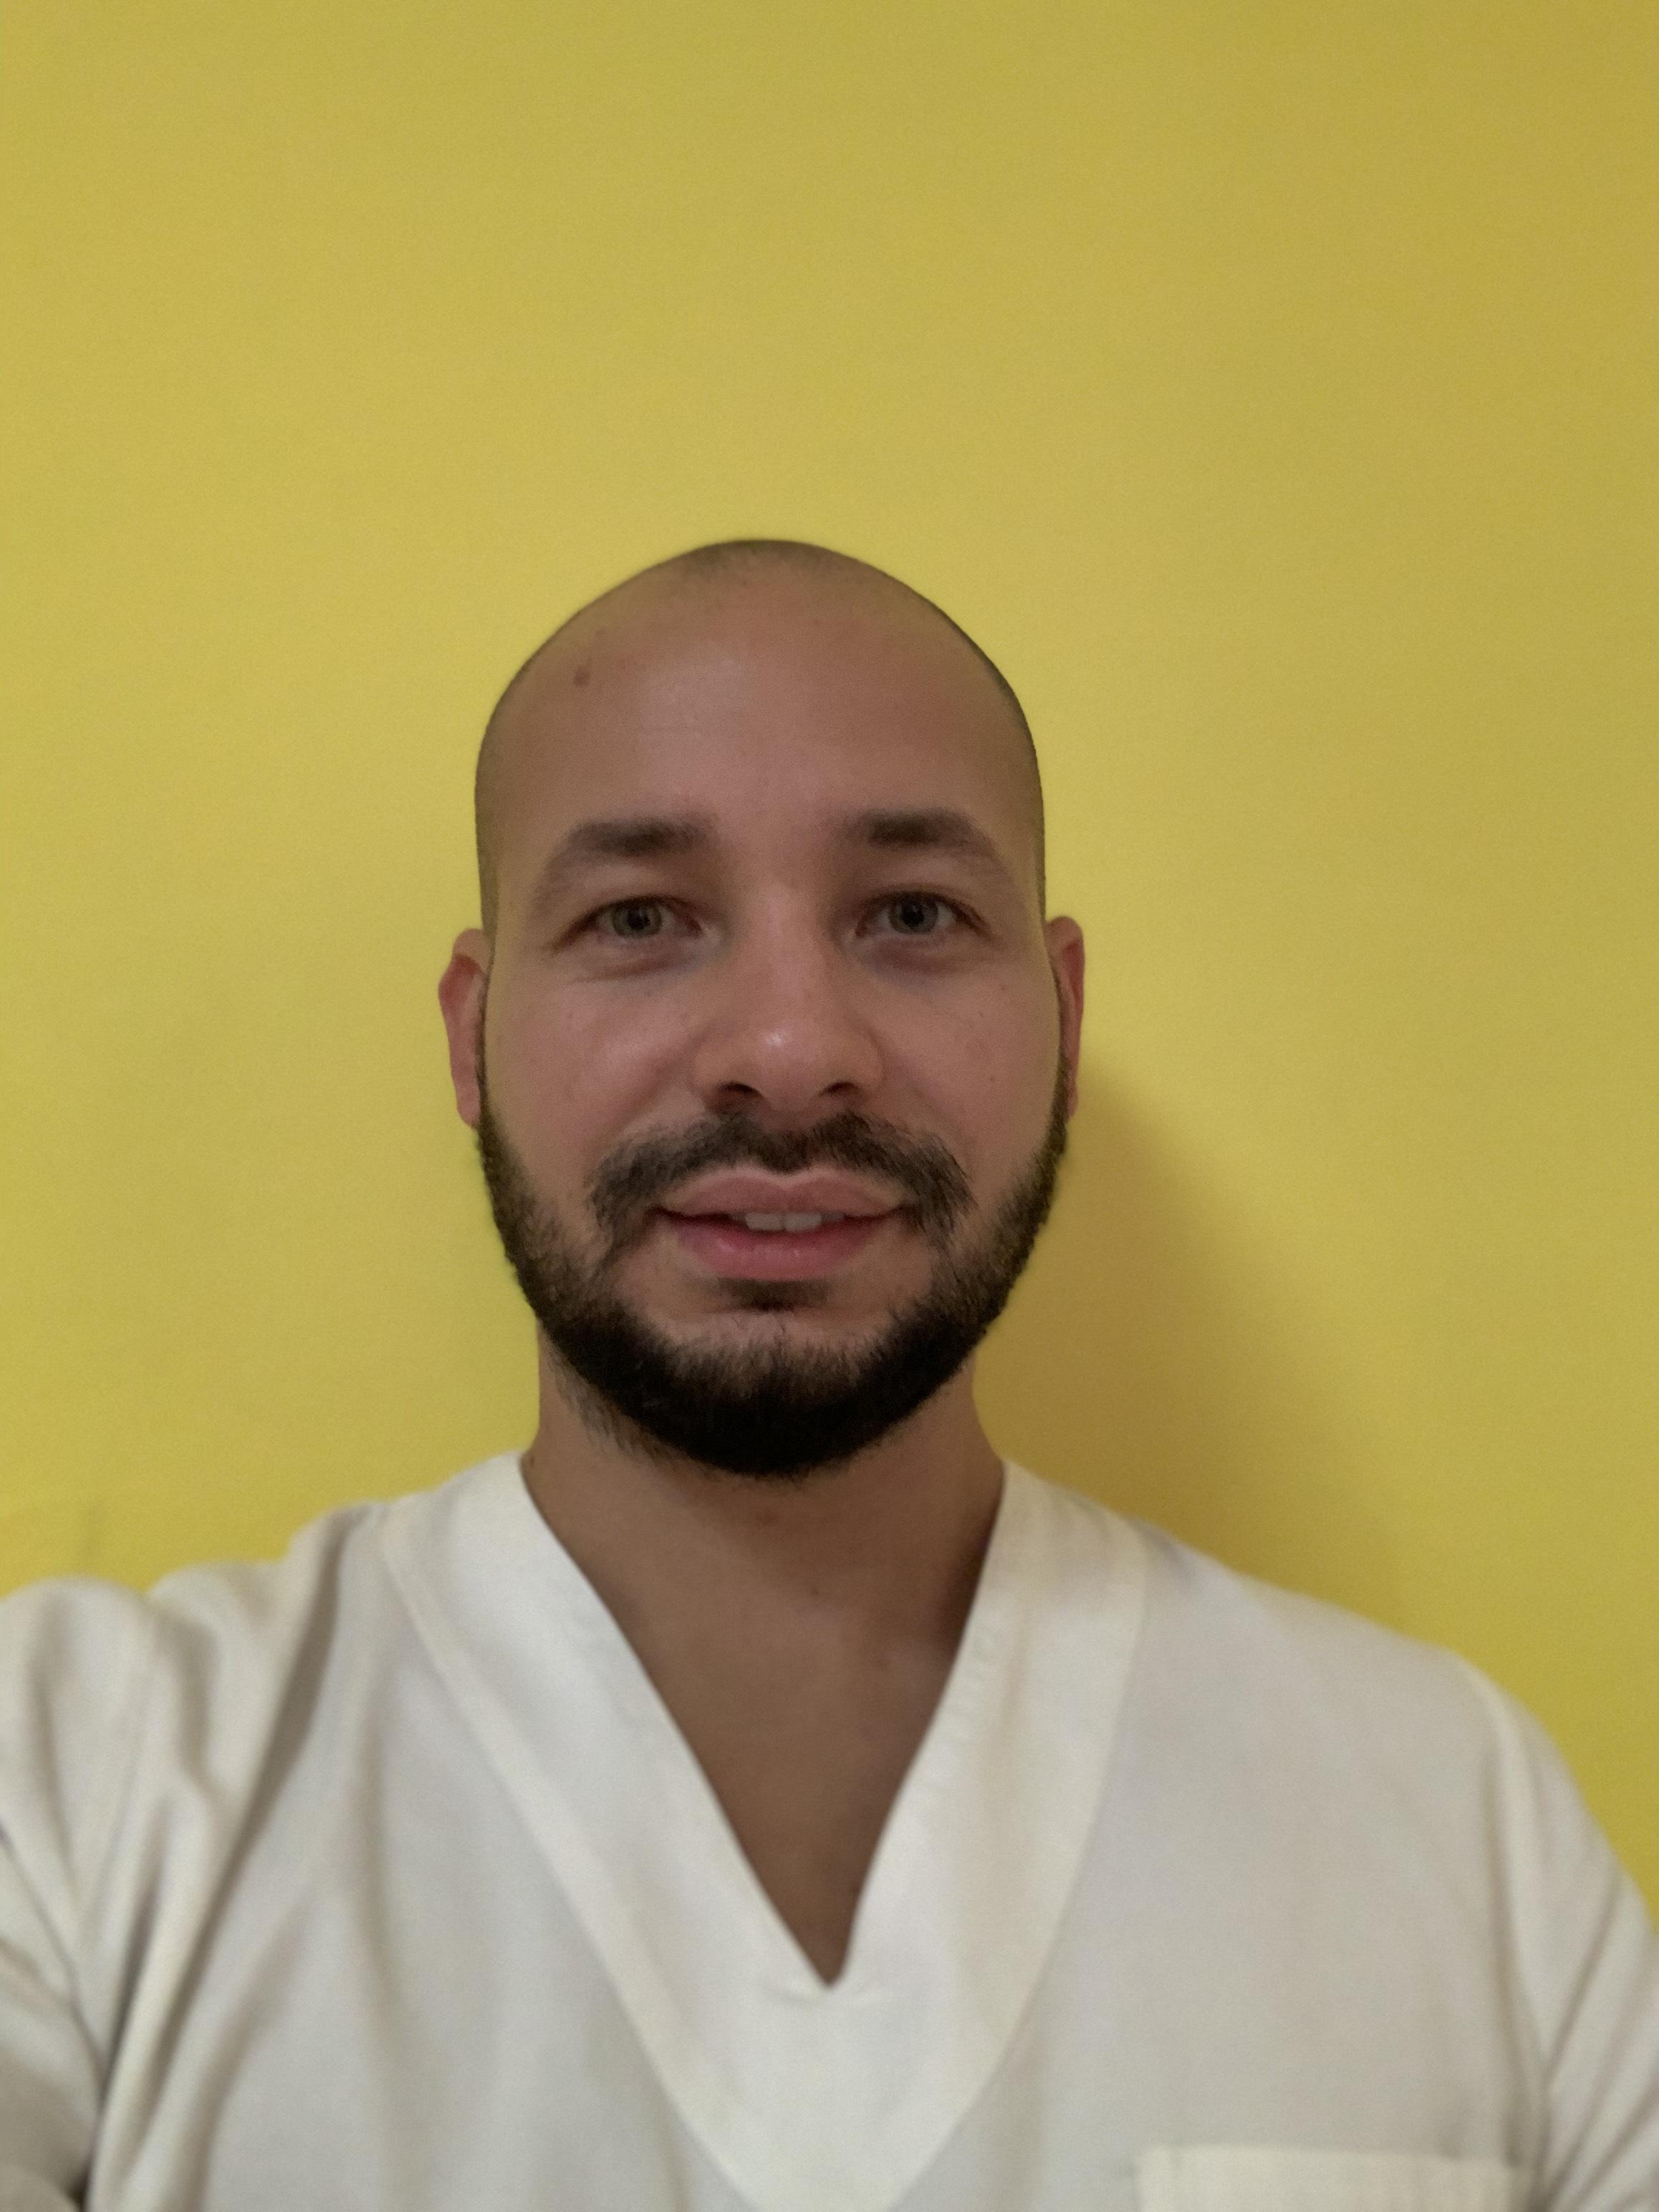 Daniele Tarallo